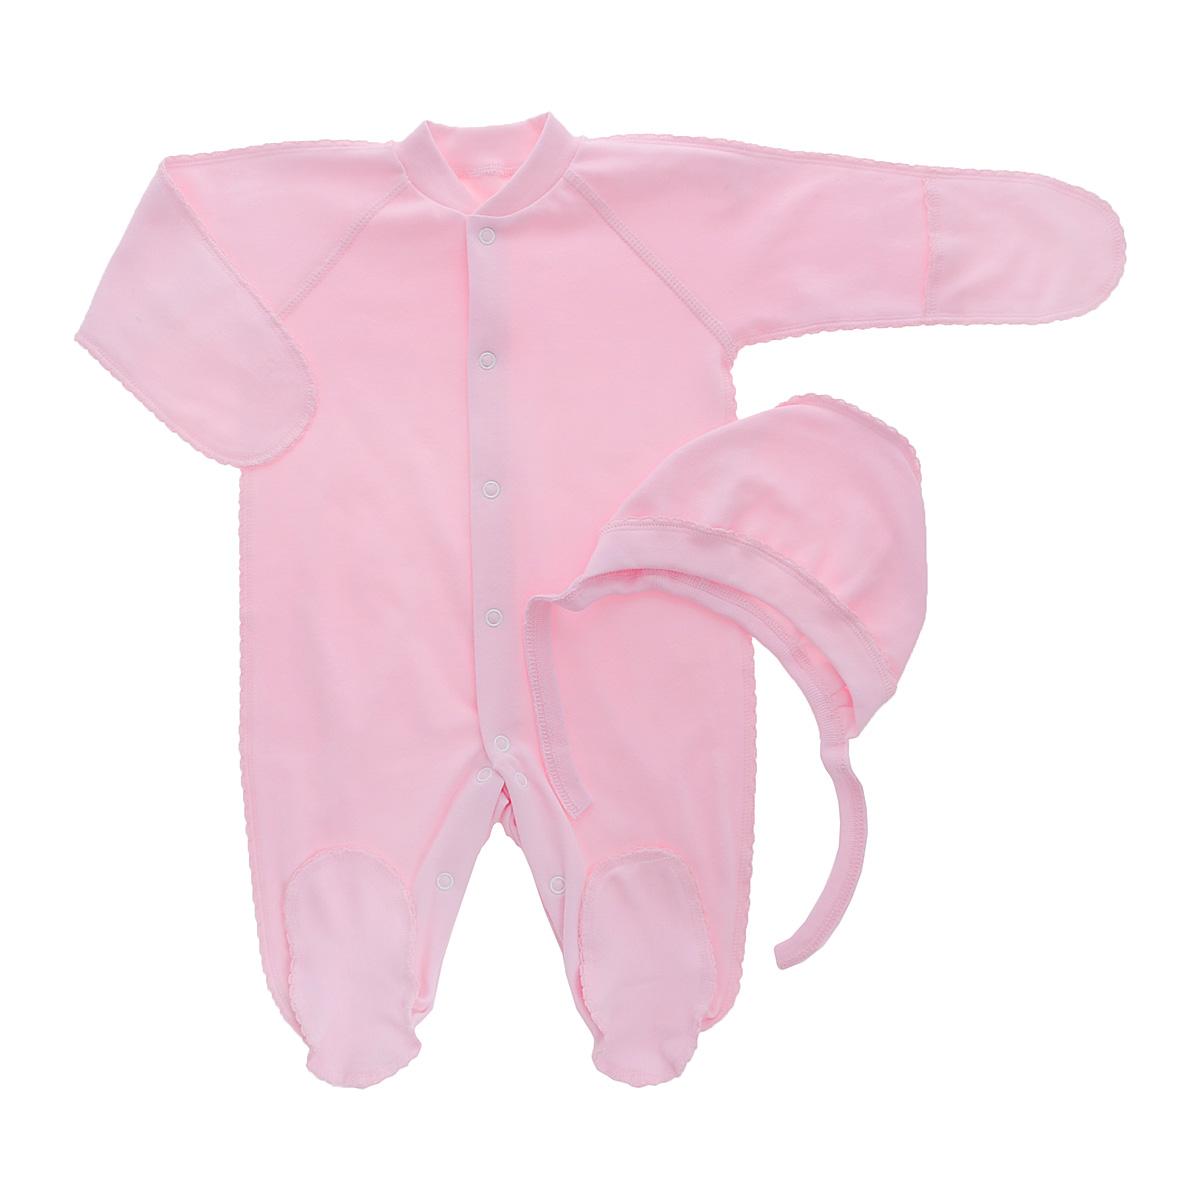 Комплект детский Фреш Стайл: комбинезон, чепчик, цвет: розовый. 37-5231. Размер 50, от 0 месяцев37-5231Комплект Фреш Стайл, состоящий из комбинезона и чепчика, идеально подойдет вашему ребенку. Изготовленный из 100% хлопка, он необычайно мягкий и легкий, приятный на ощупь, не раздражает нежную кожу ребенка и хорошо вентилируется.Комбинезон с воротником-стойкой, длинными рукавами-реглан и закрытыми ножками имеет удобные застежки-кнопки по всей длине и на ластовице, которые помогают легко переодеть ребенка или сменить подгузник. Комбинезон имеет рукавички, с помощью которых ручки могут быть открыты или спрятаны и ваш ребенок не поцарапает себя.Мягкий чепчик защищает еще не заросший родничок, щадит чувствительный слух малыша, а мягкая резиночка, не сдавливая голову малыша,прикрывает ушки и предохраняет от теплопотерь. Швы элементов комплекта выполнены наружу и отделаны красивой декоративной строчкой. Комплект полностью соответствует особенностям жизни малыша в ранний период, не стесняя и не ограничивая его в движениях.